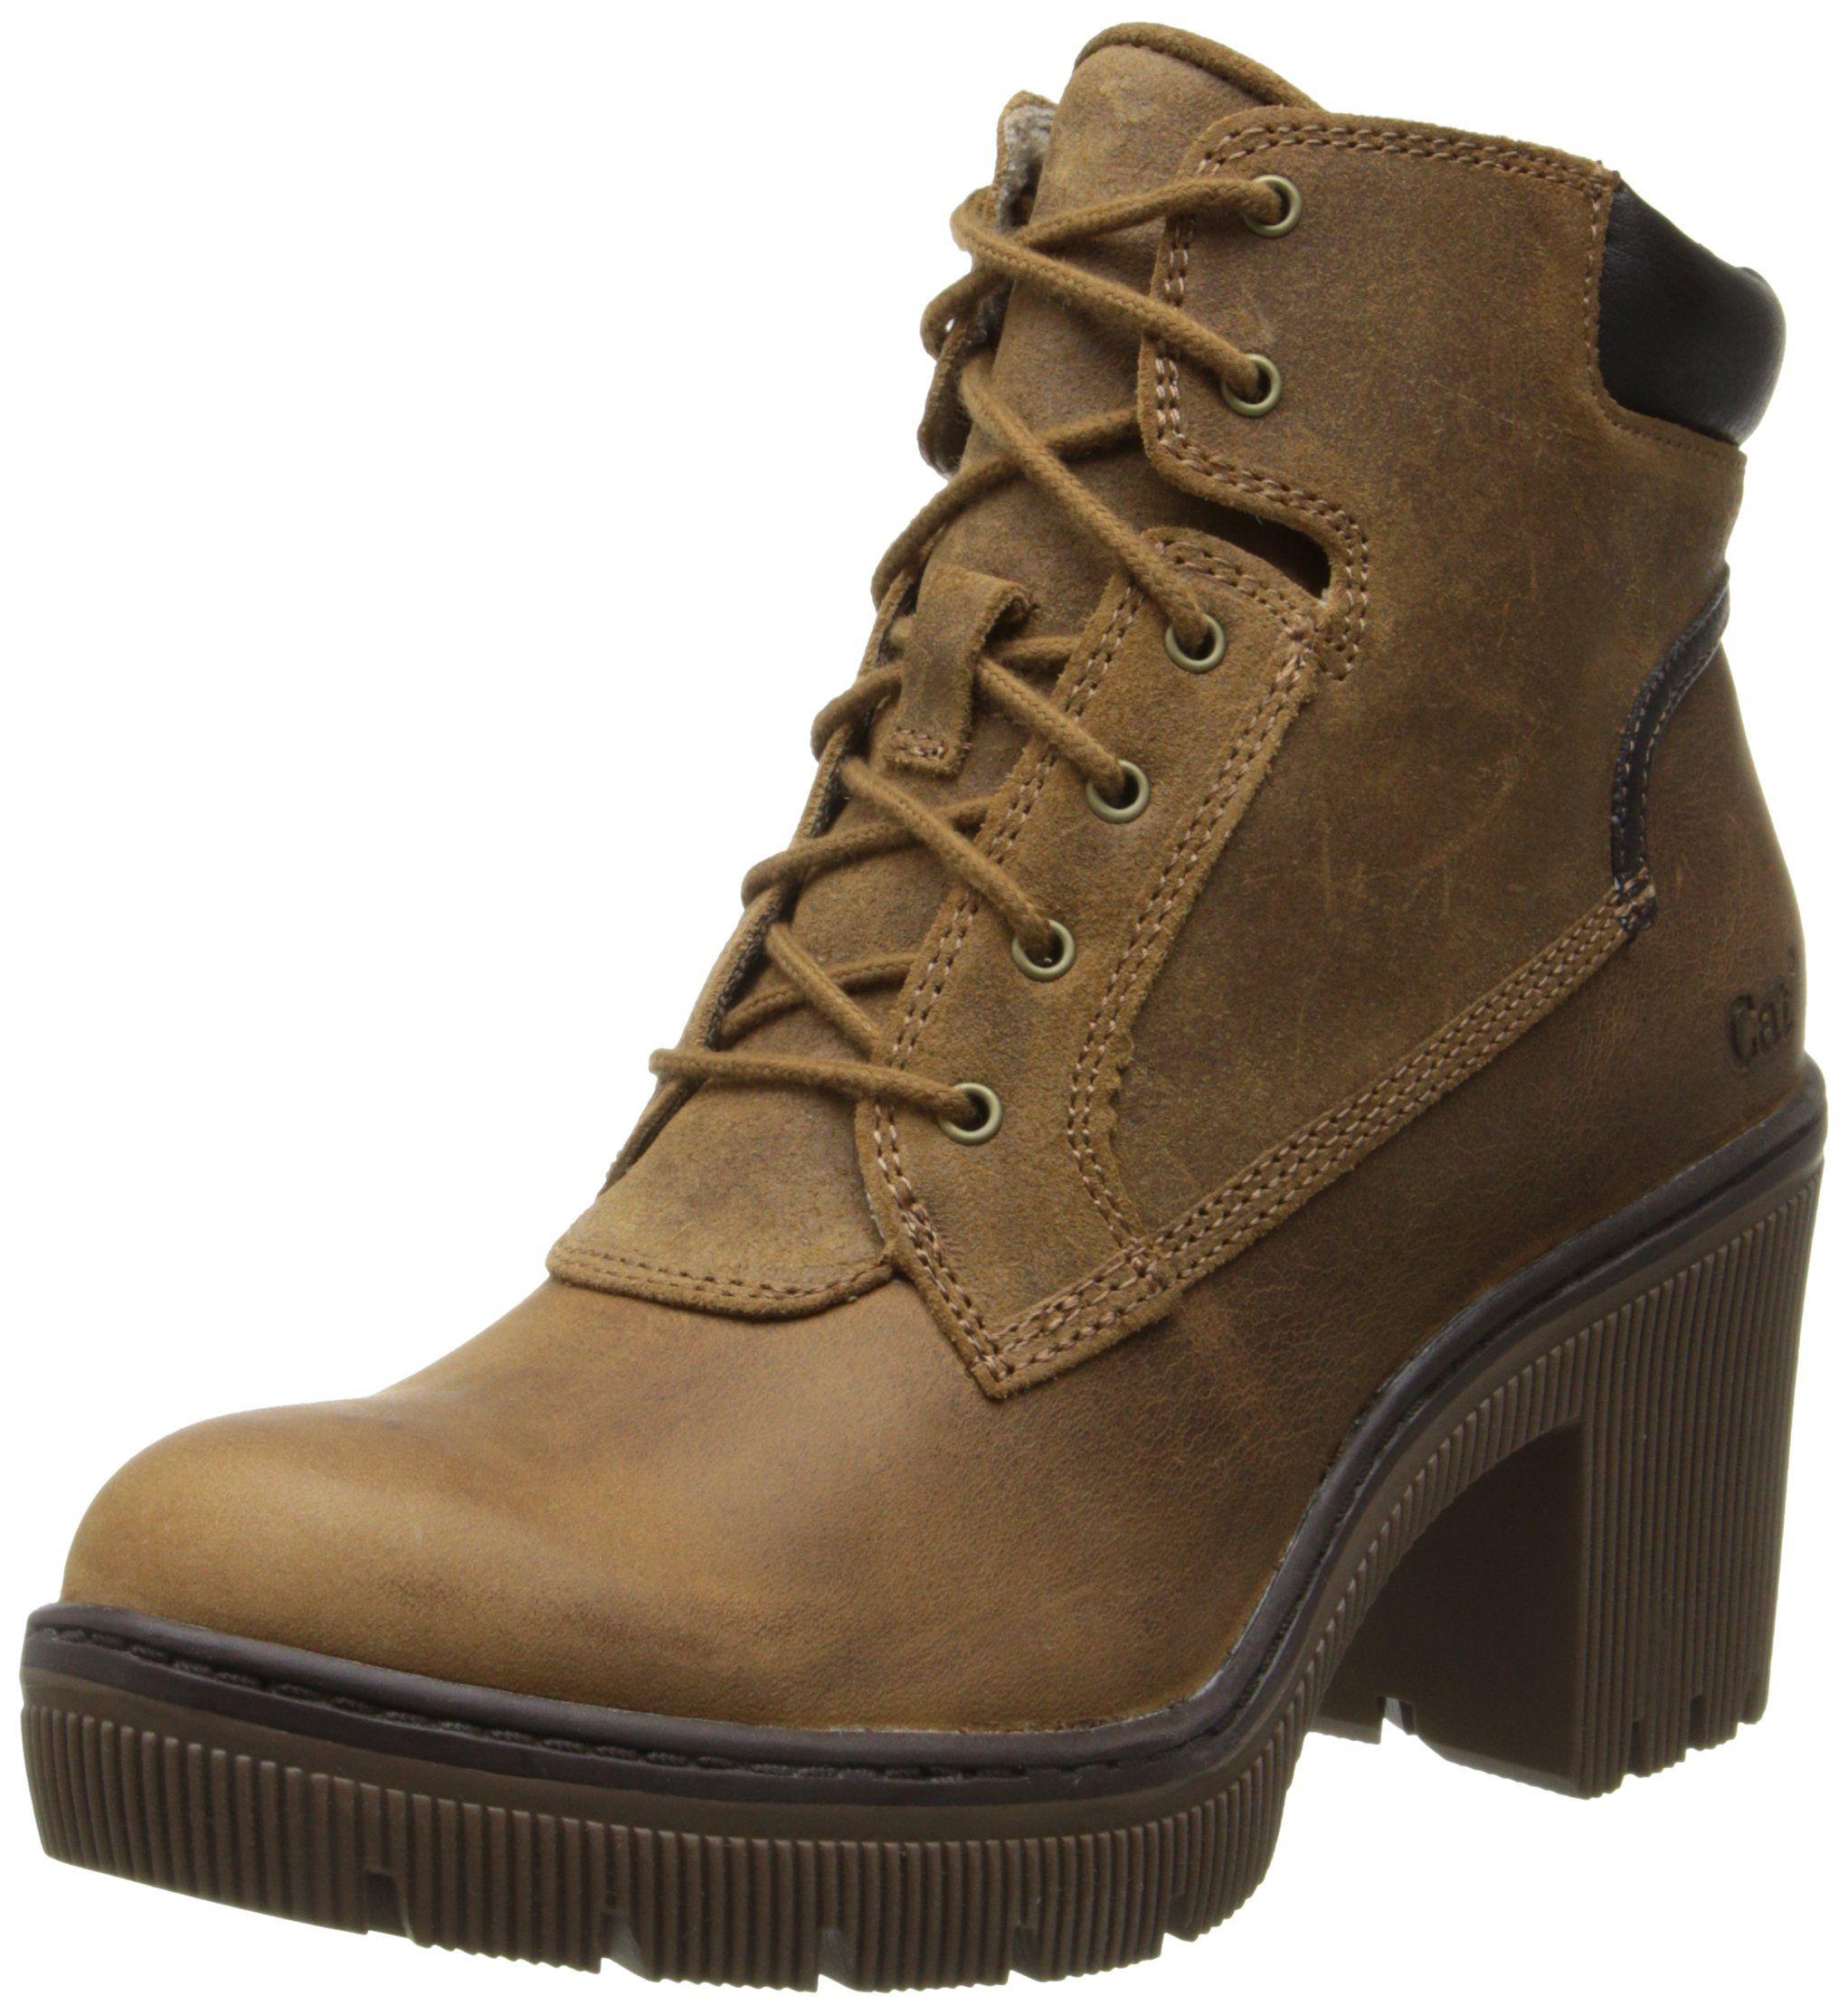 les chaussures de chenille  tennille s tennille  botte 2a7646